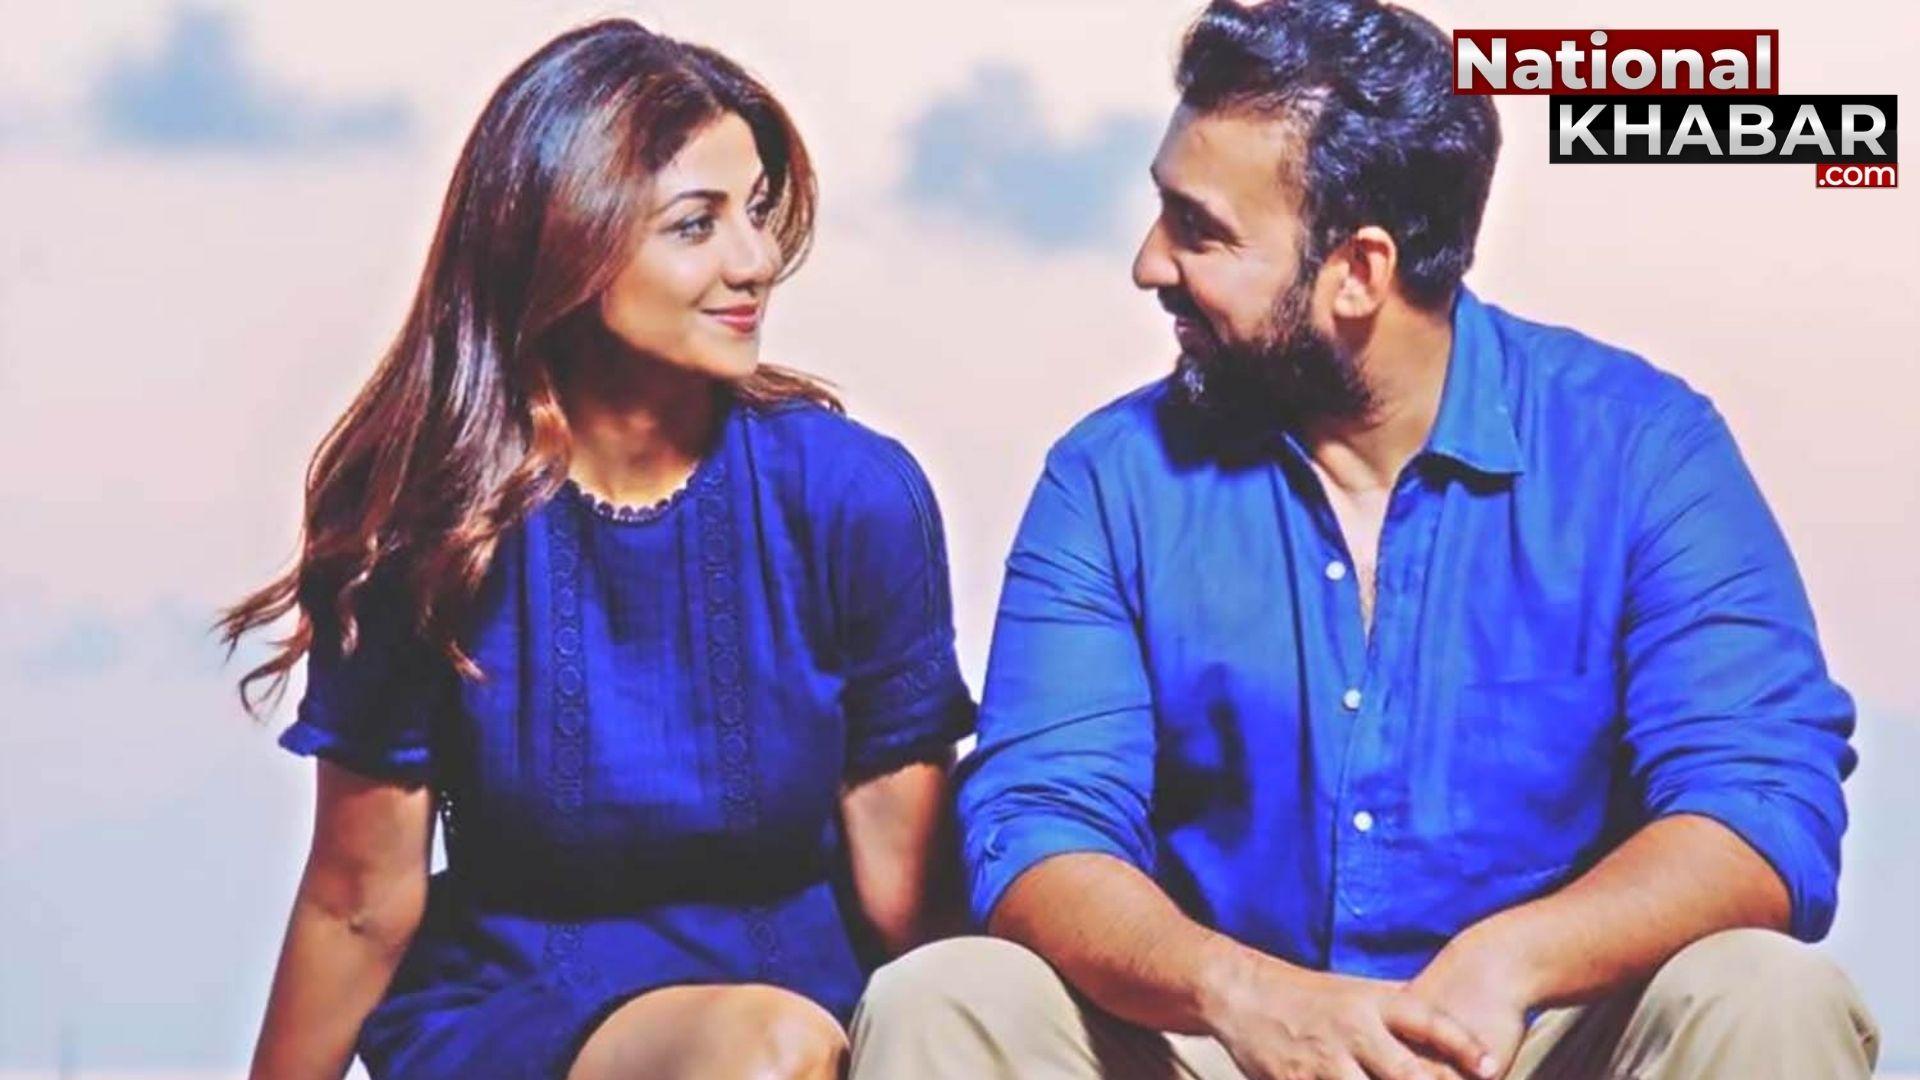 शिल्पा शेट्टी के पति राज कुंद्रा अश्लील फिल्में बनाने का आरोप में गिरफ्तार